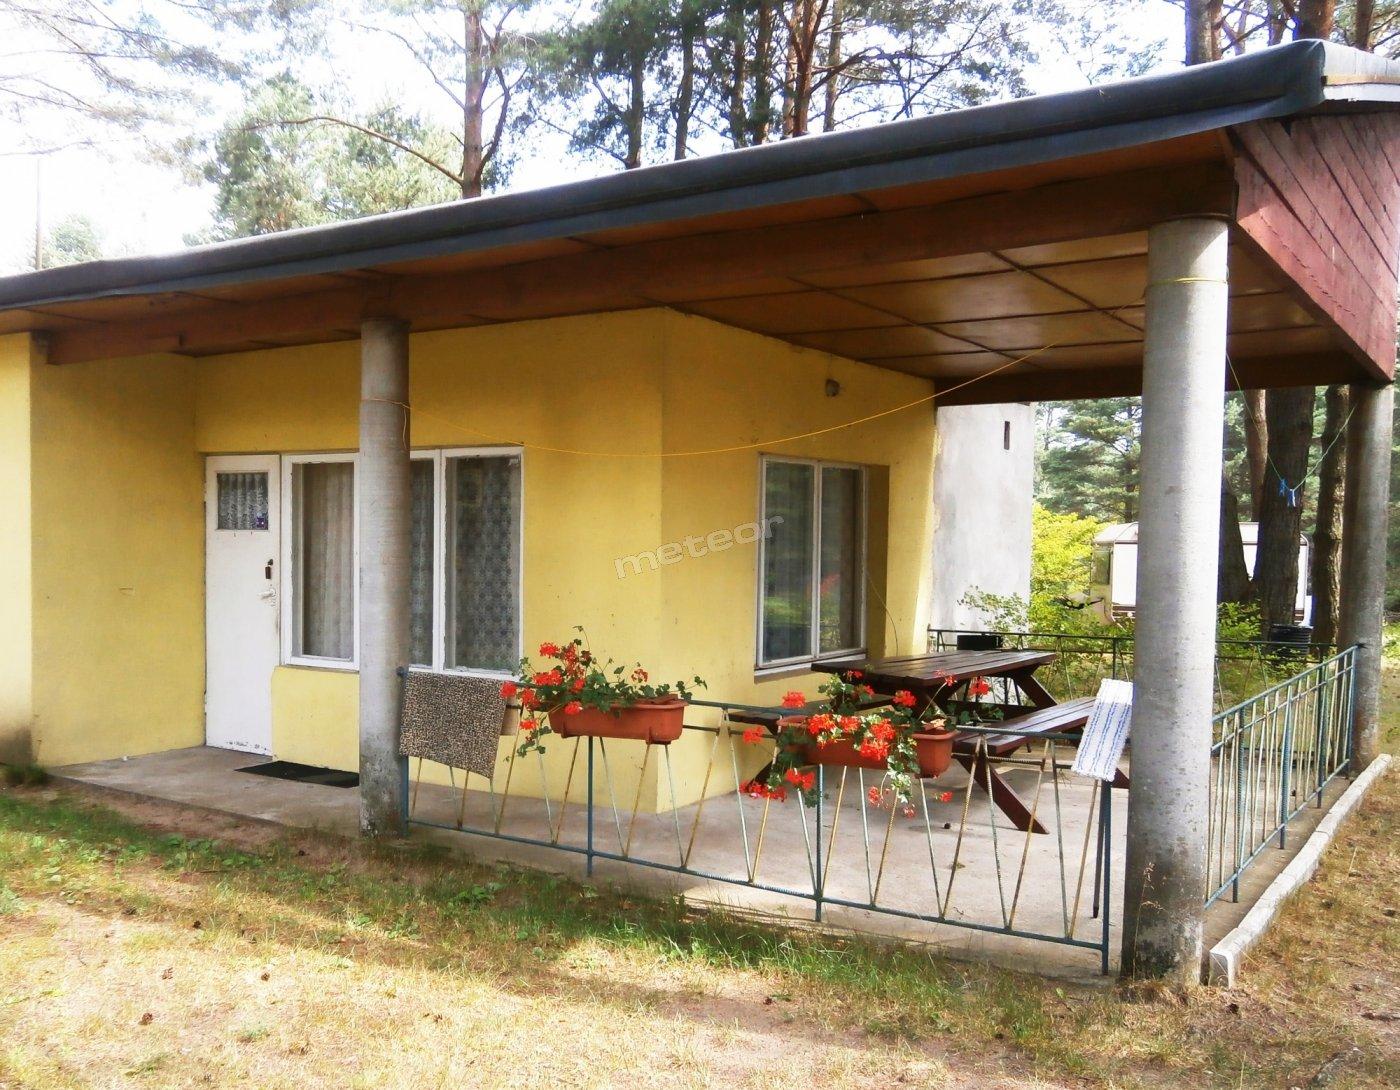 Domek z tarasem pokazany od zewnątrz.